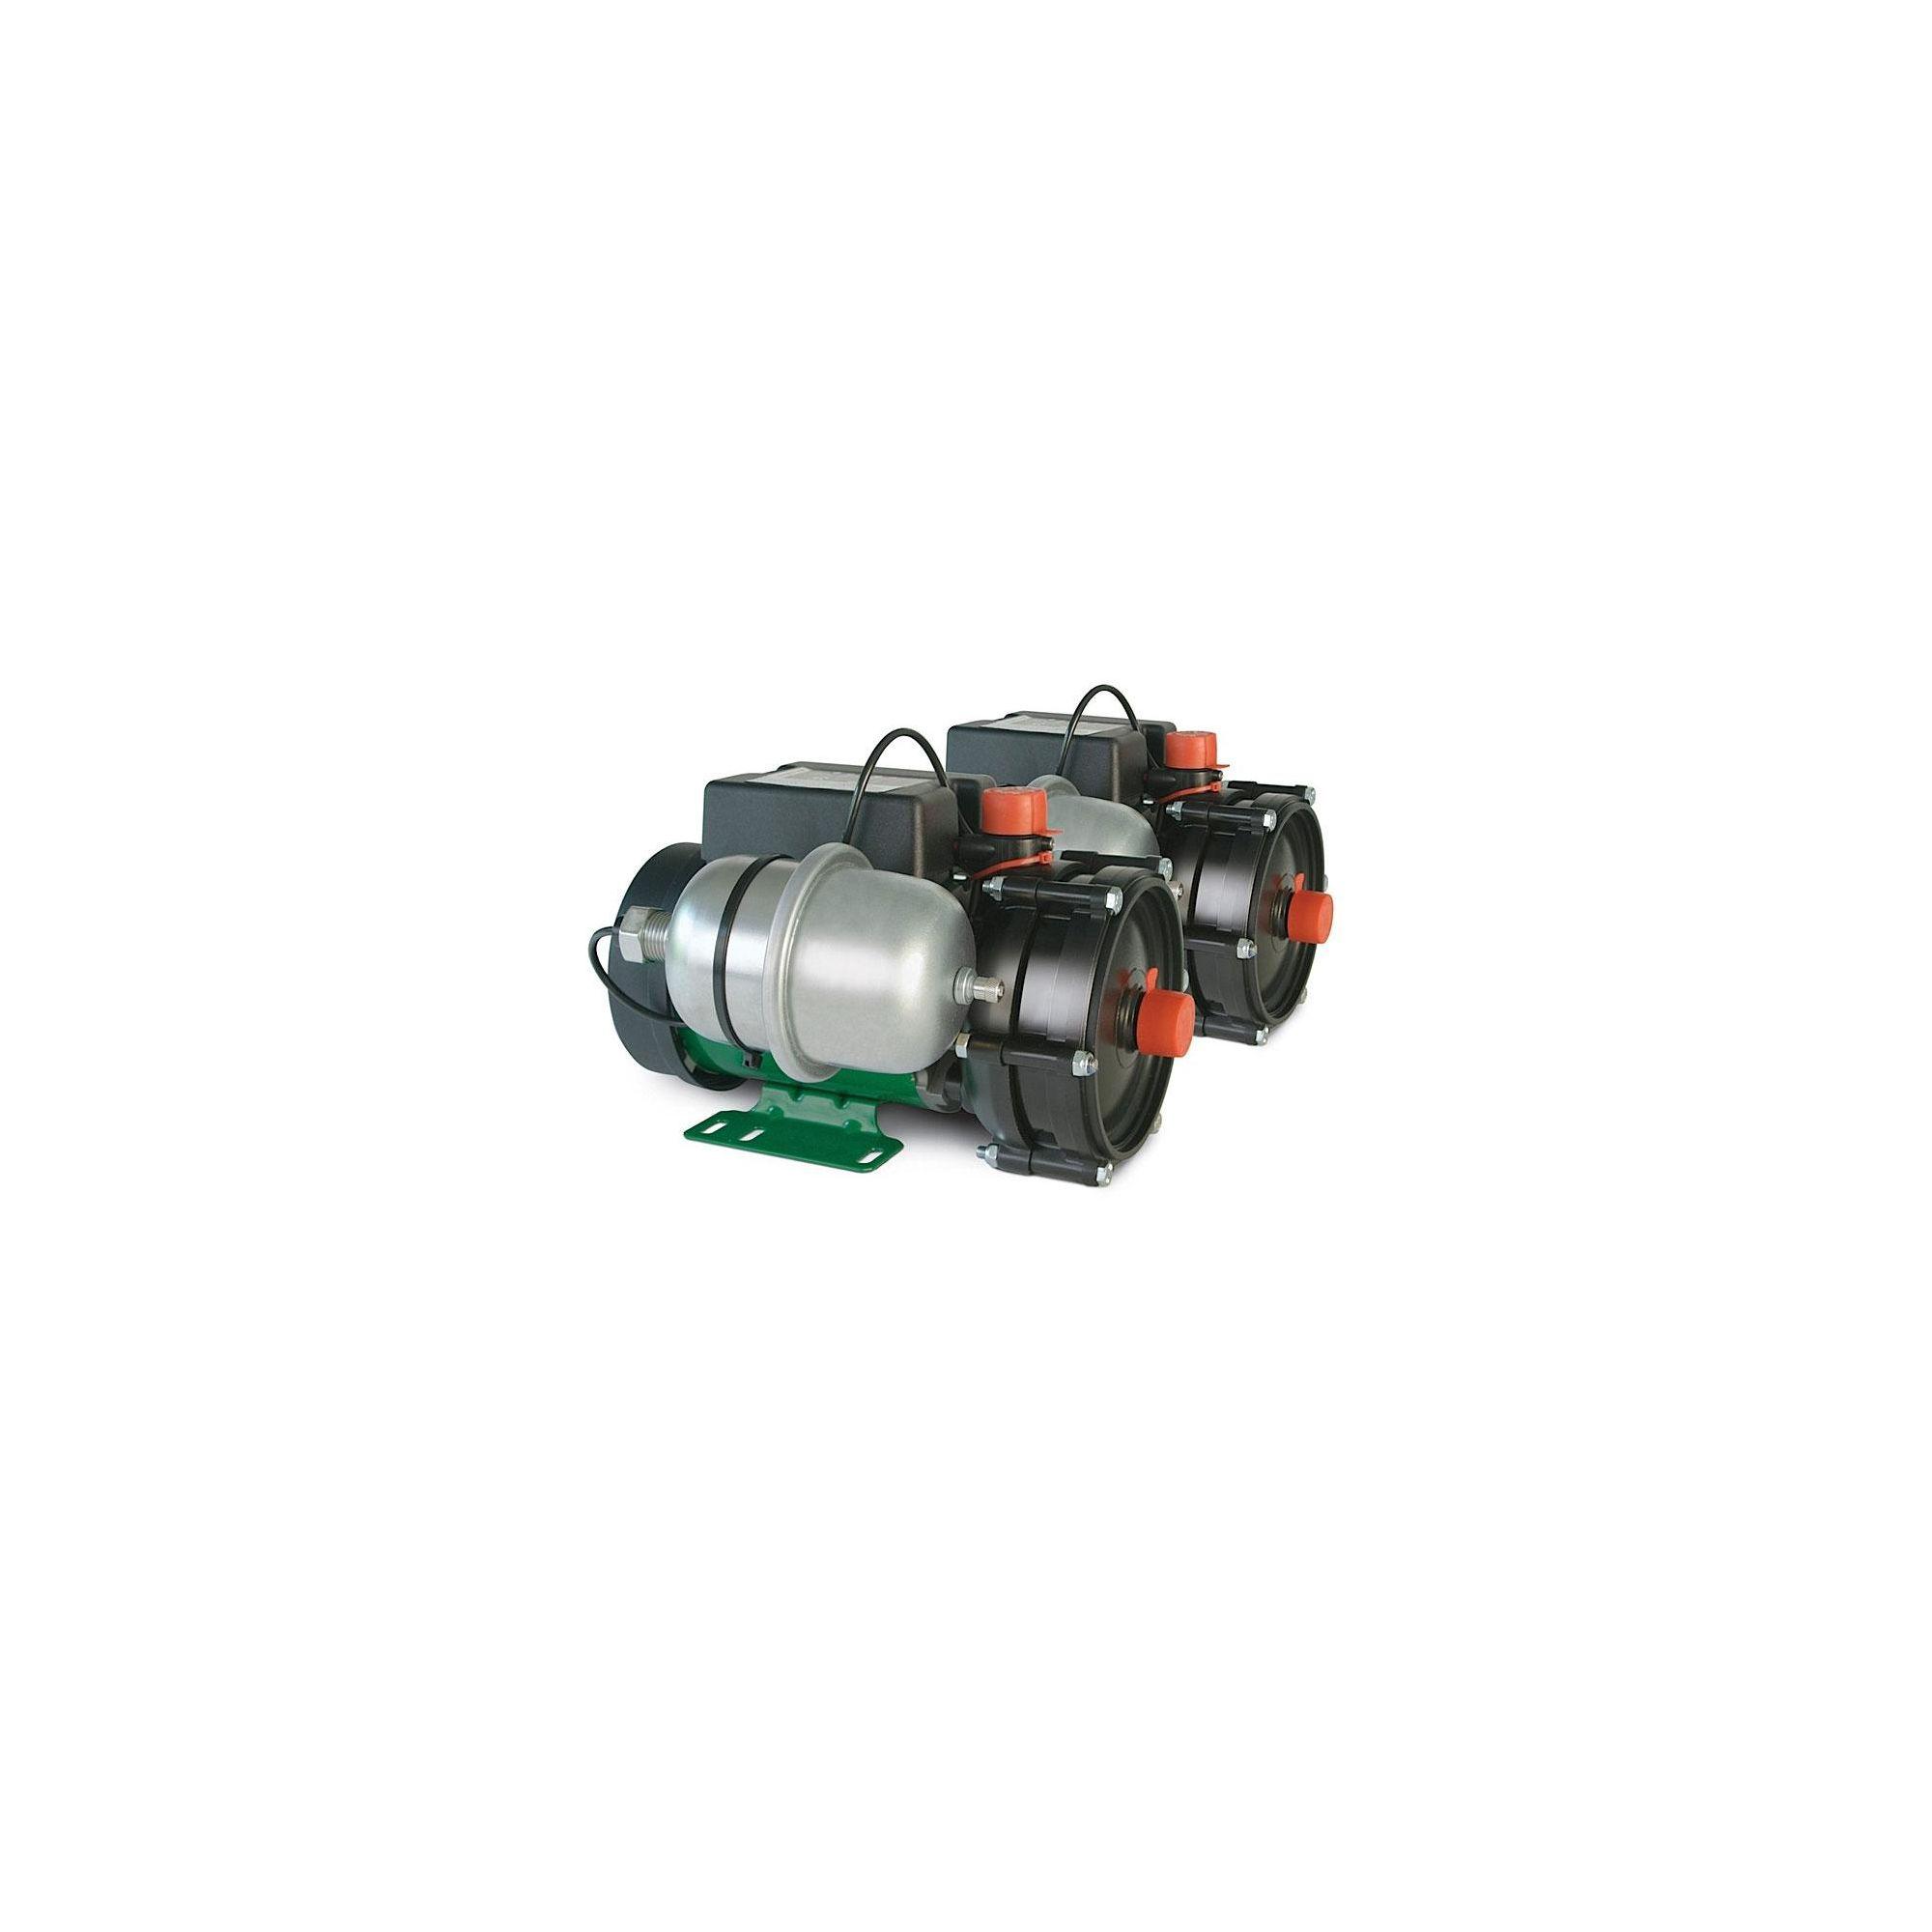 Salamander ESP 80 CPV SB Super Booster Single Impeller Shower Pumps, Positive or Negative Heads, 2.4 Bar at Tescos Direct